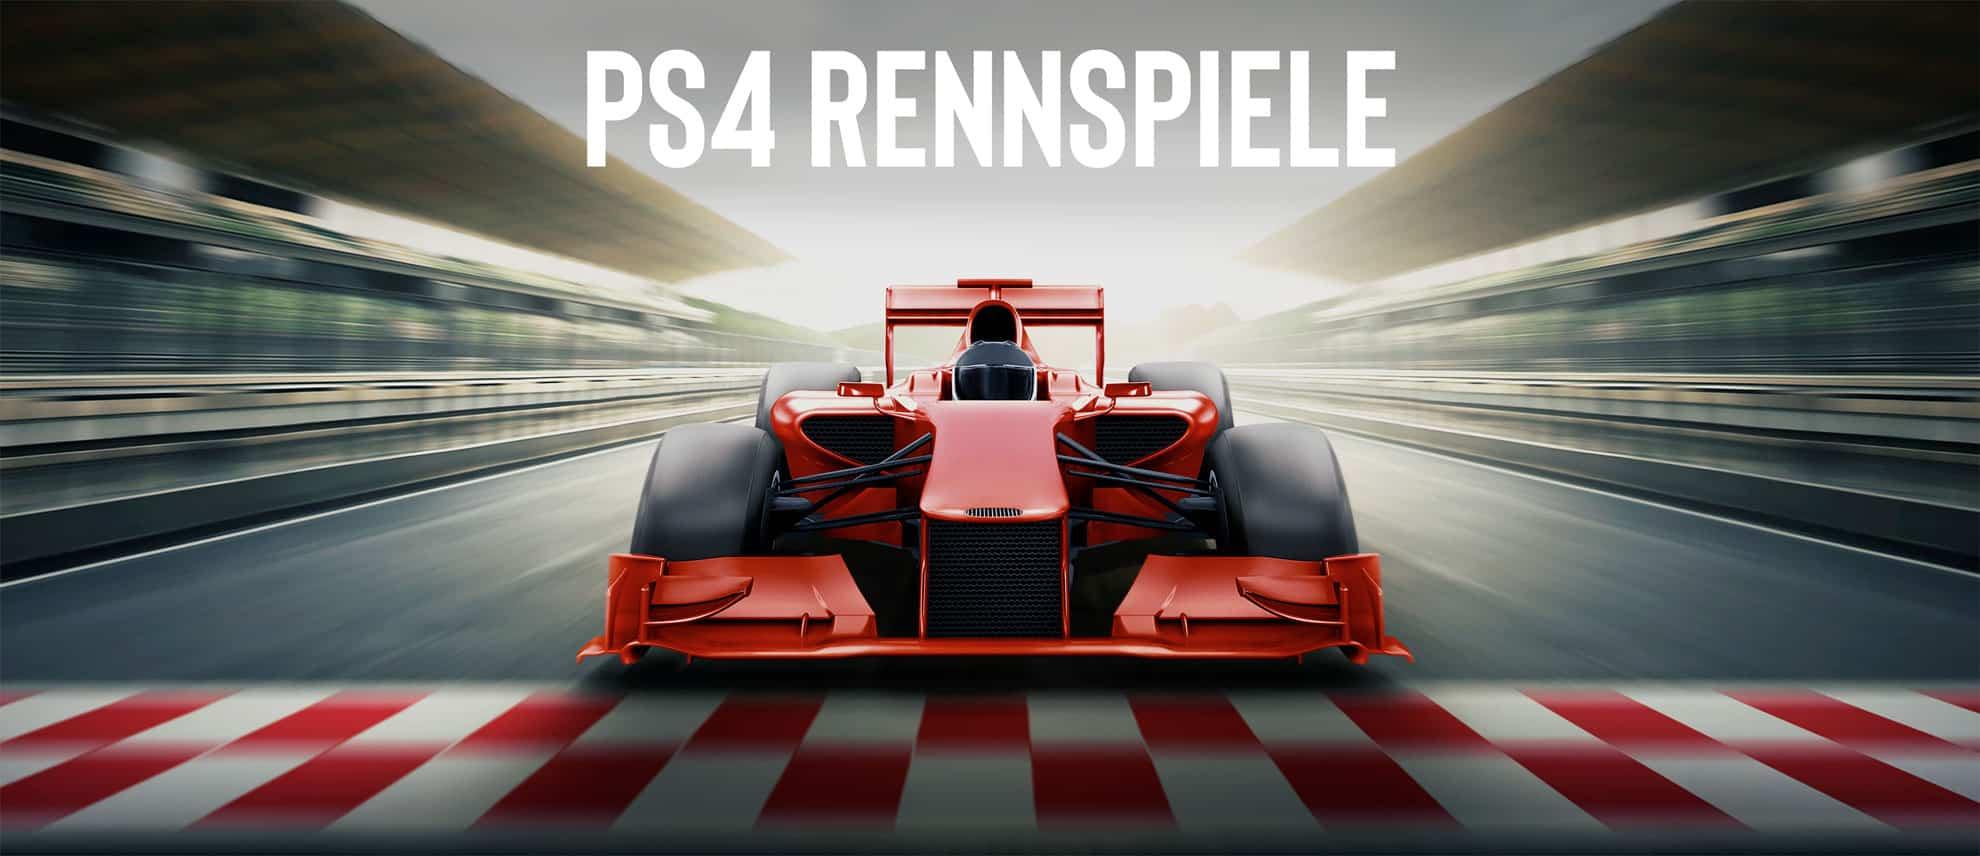 PS4 Rennspiele